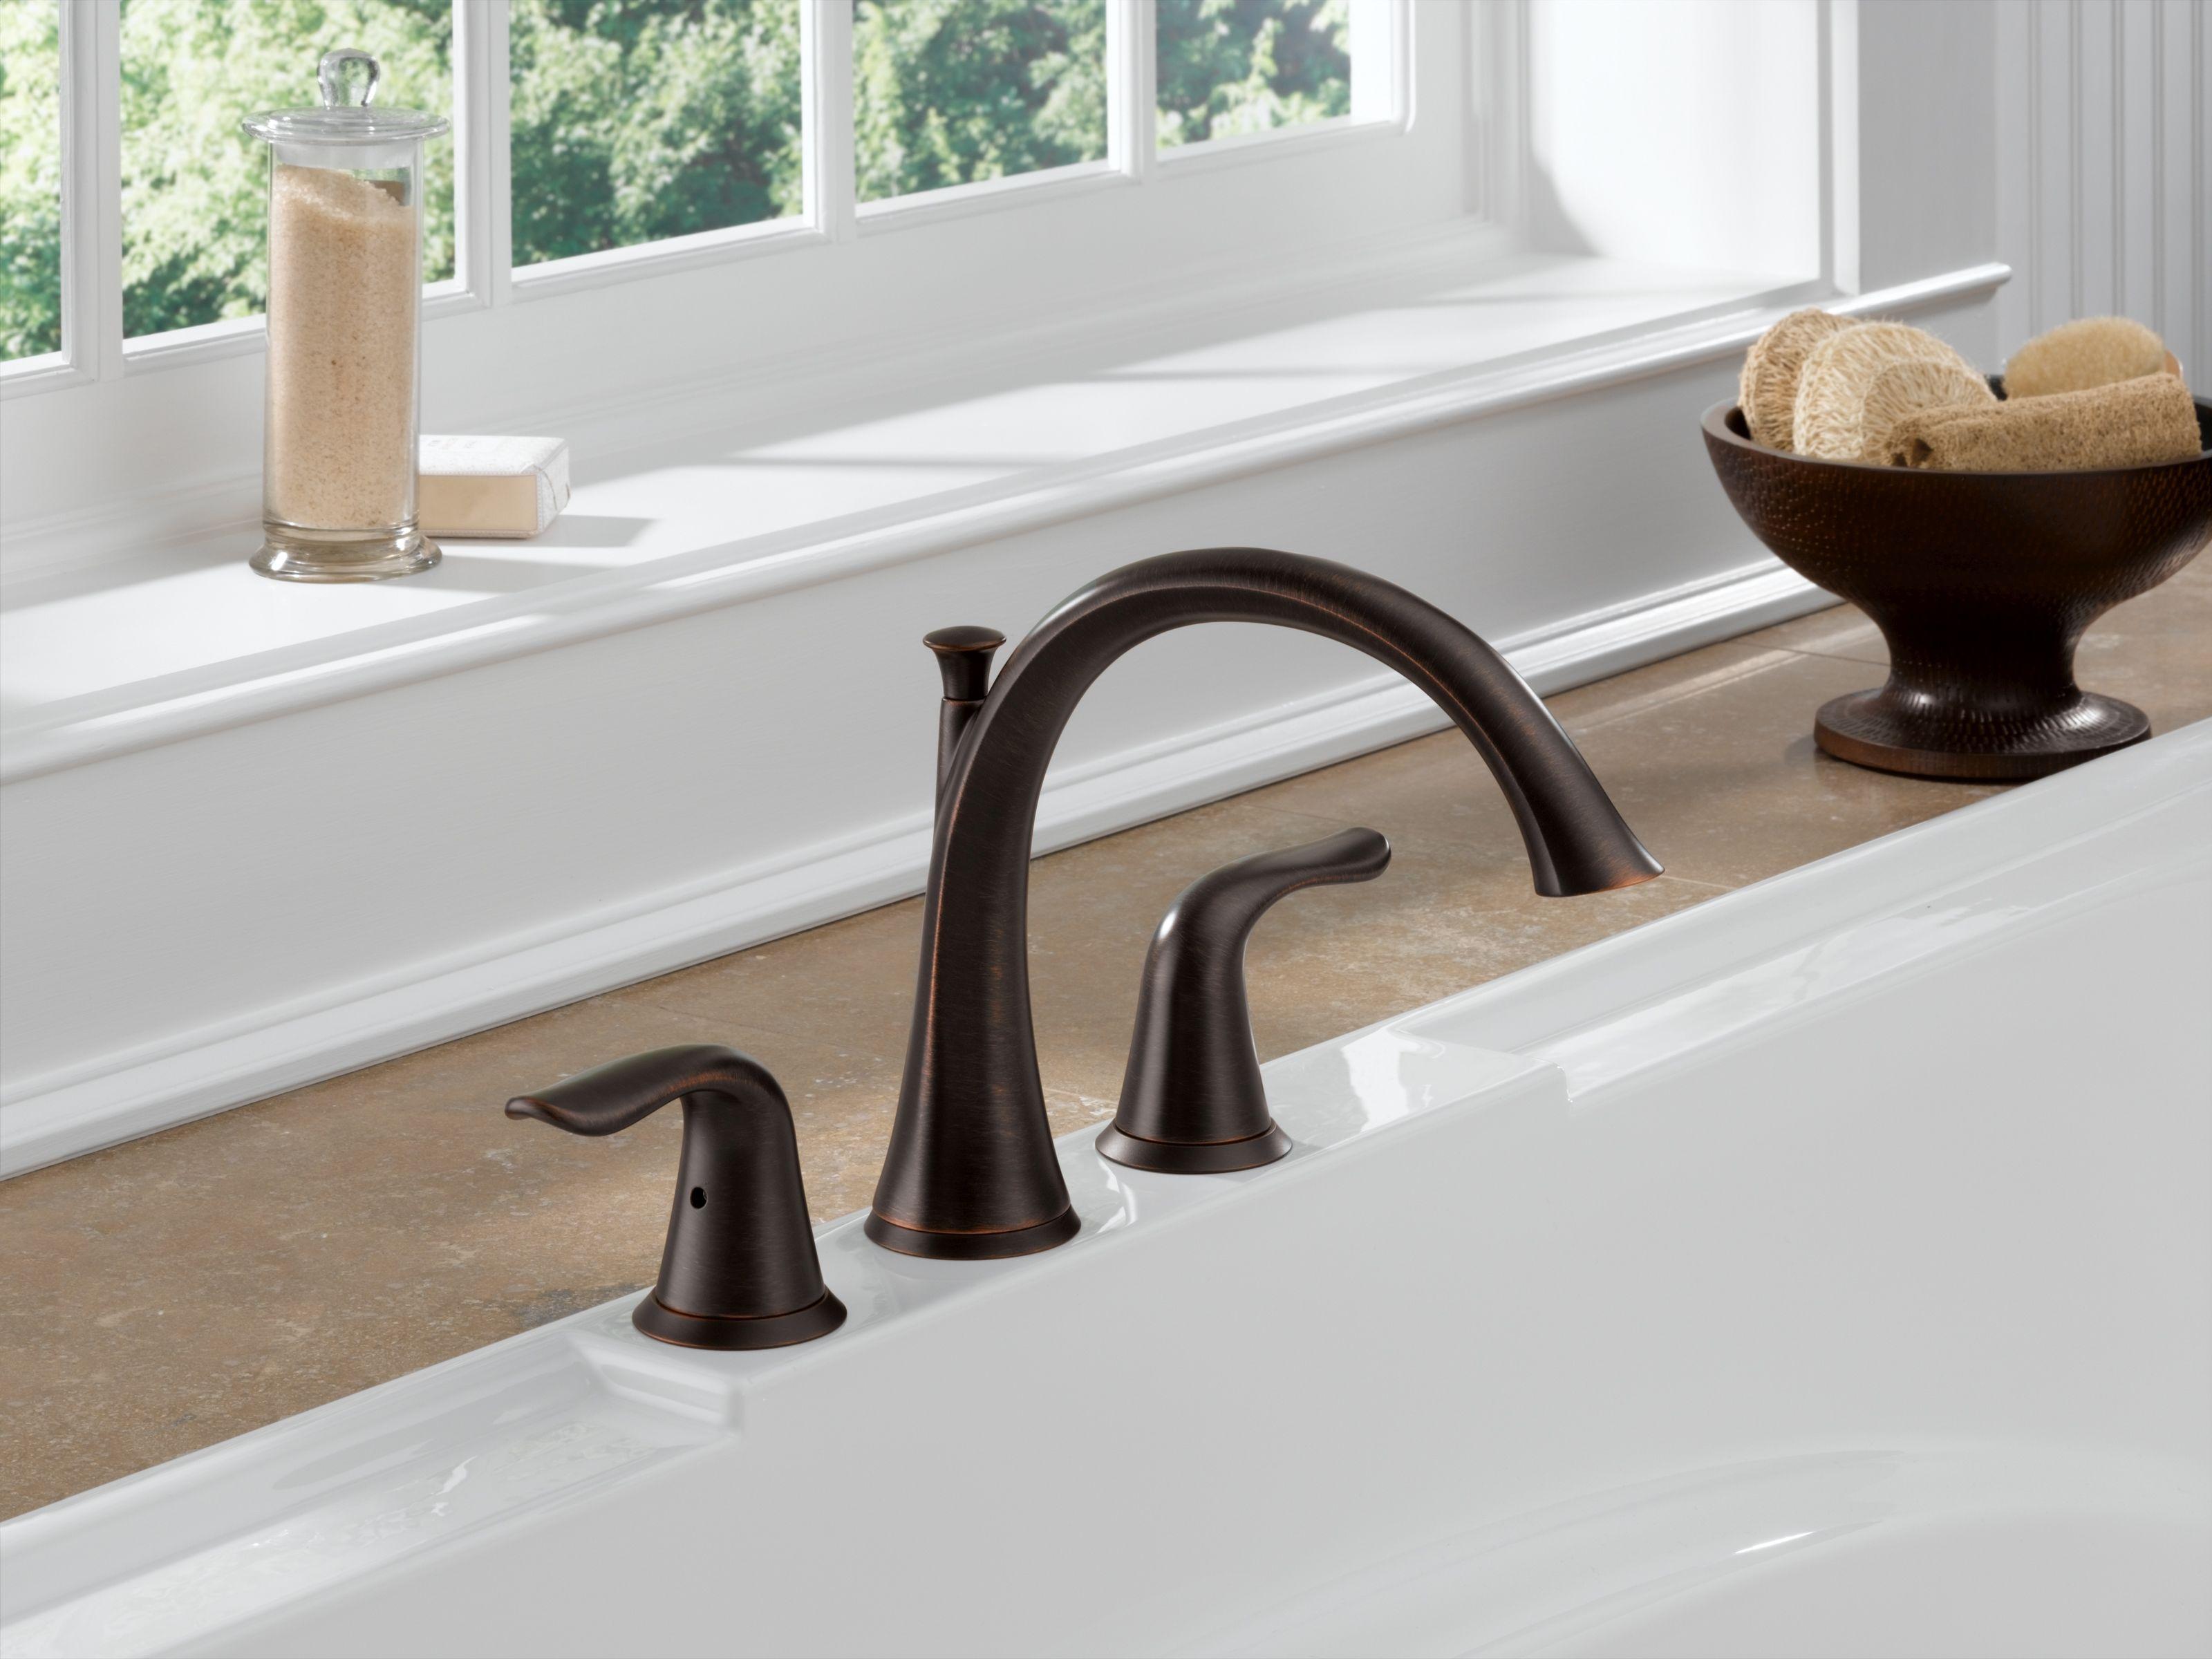 Delta T2738-RB Venetian Bronze Lahara Roman Tub Faucet Trim - Faucet.com